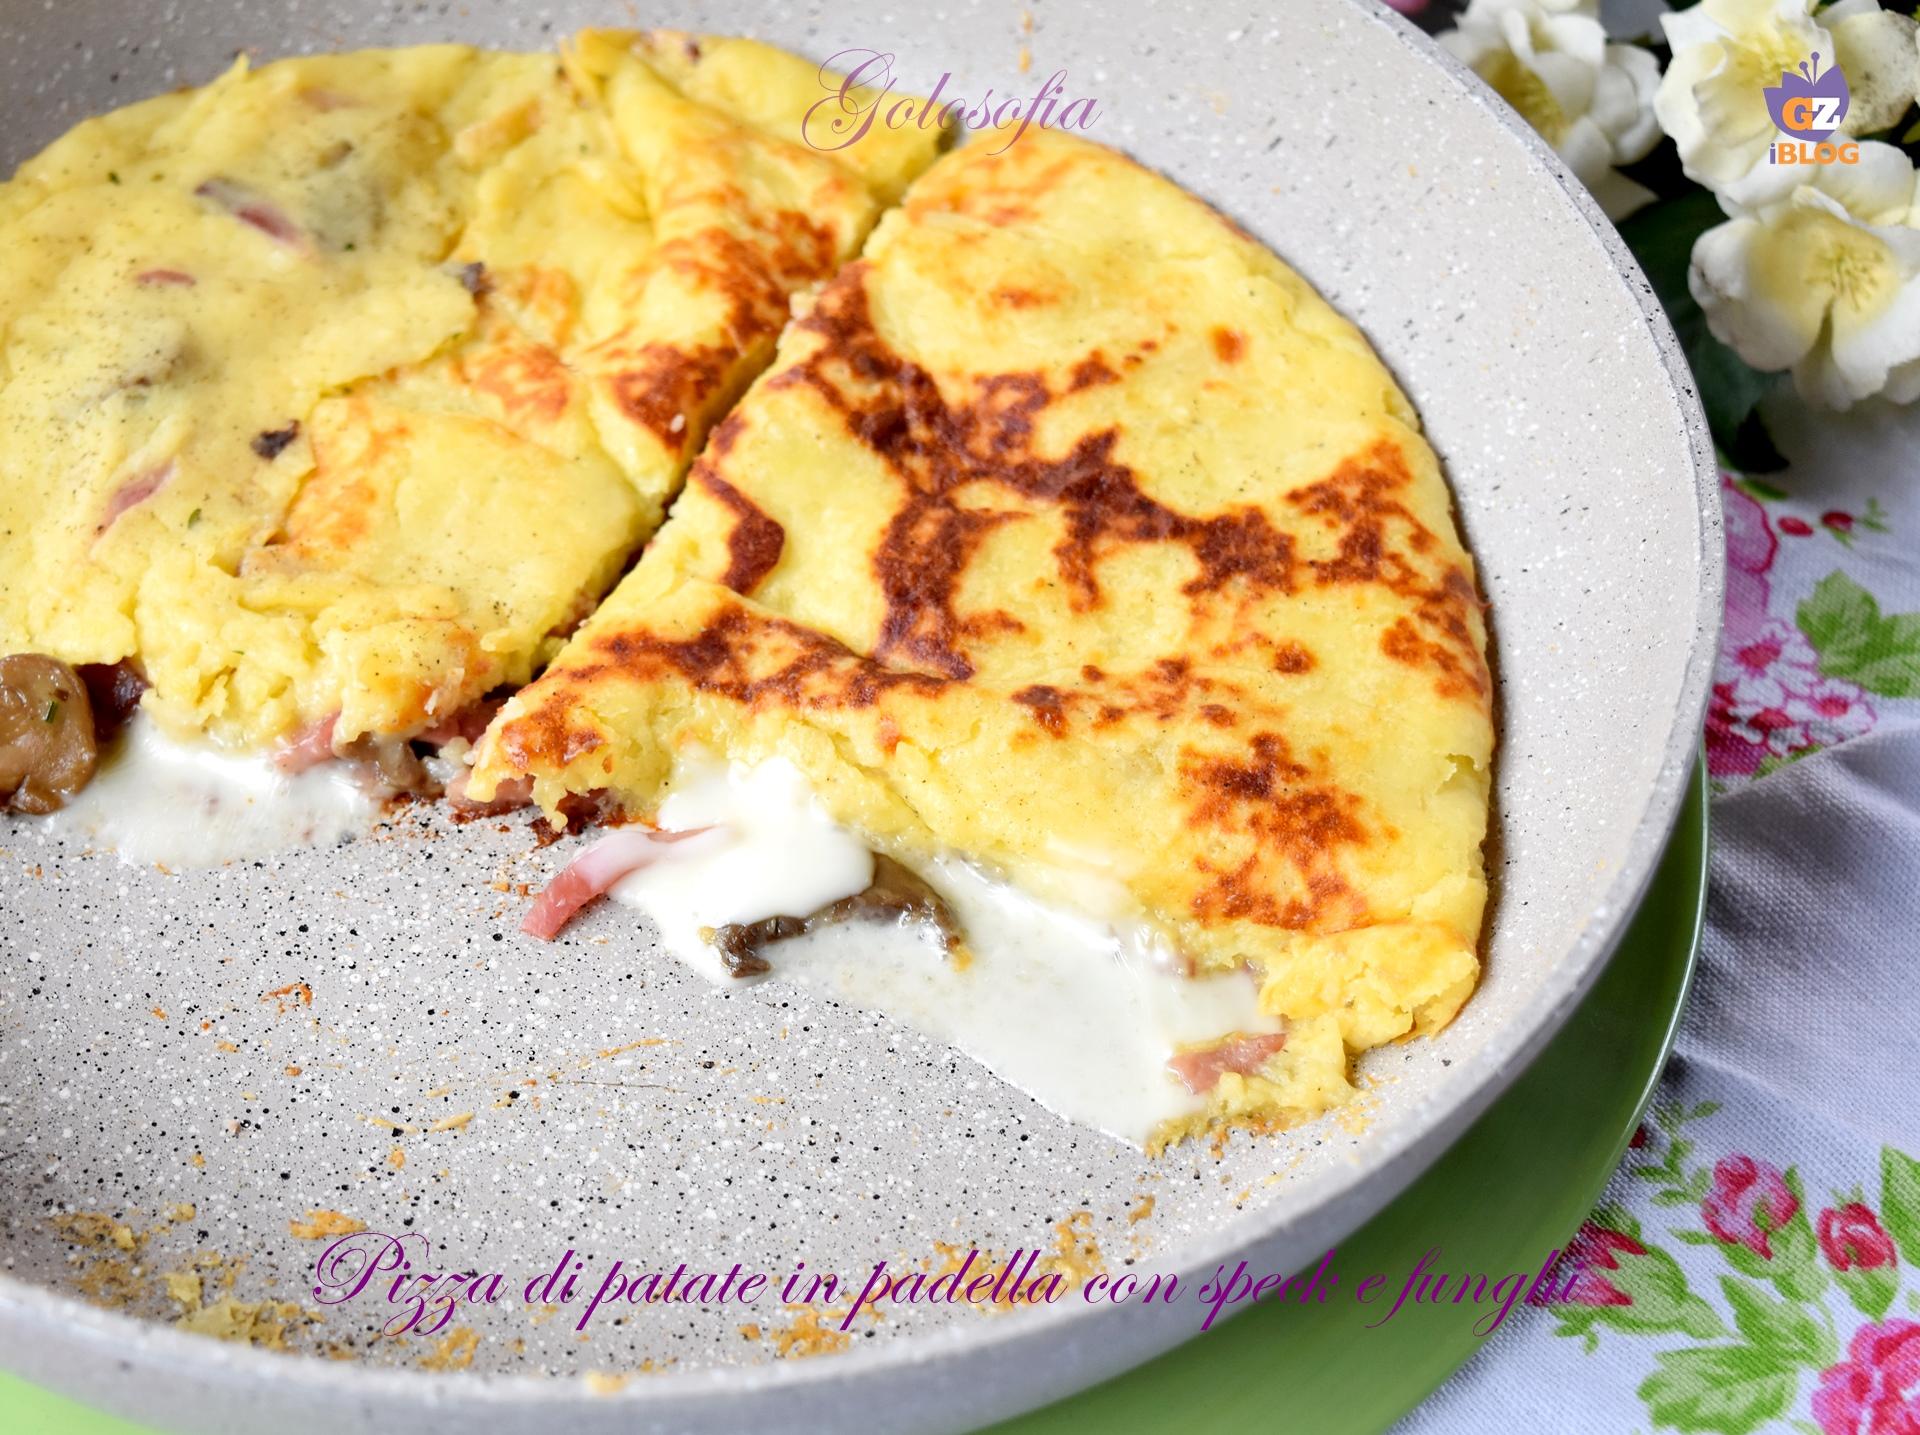 Pizza di patate in padella con speck e funghi-ricetta secondi-golosofia